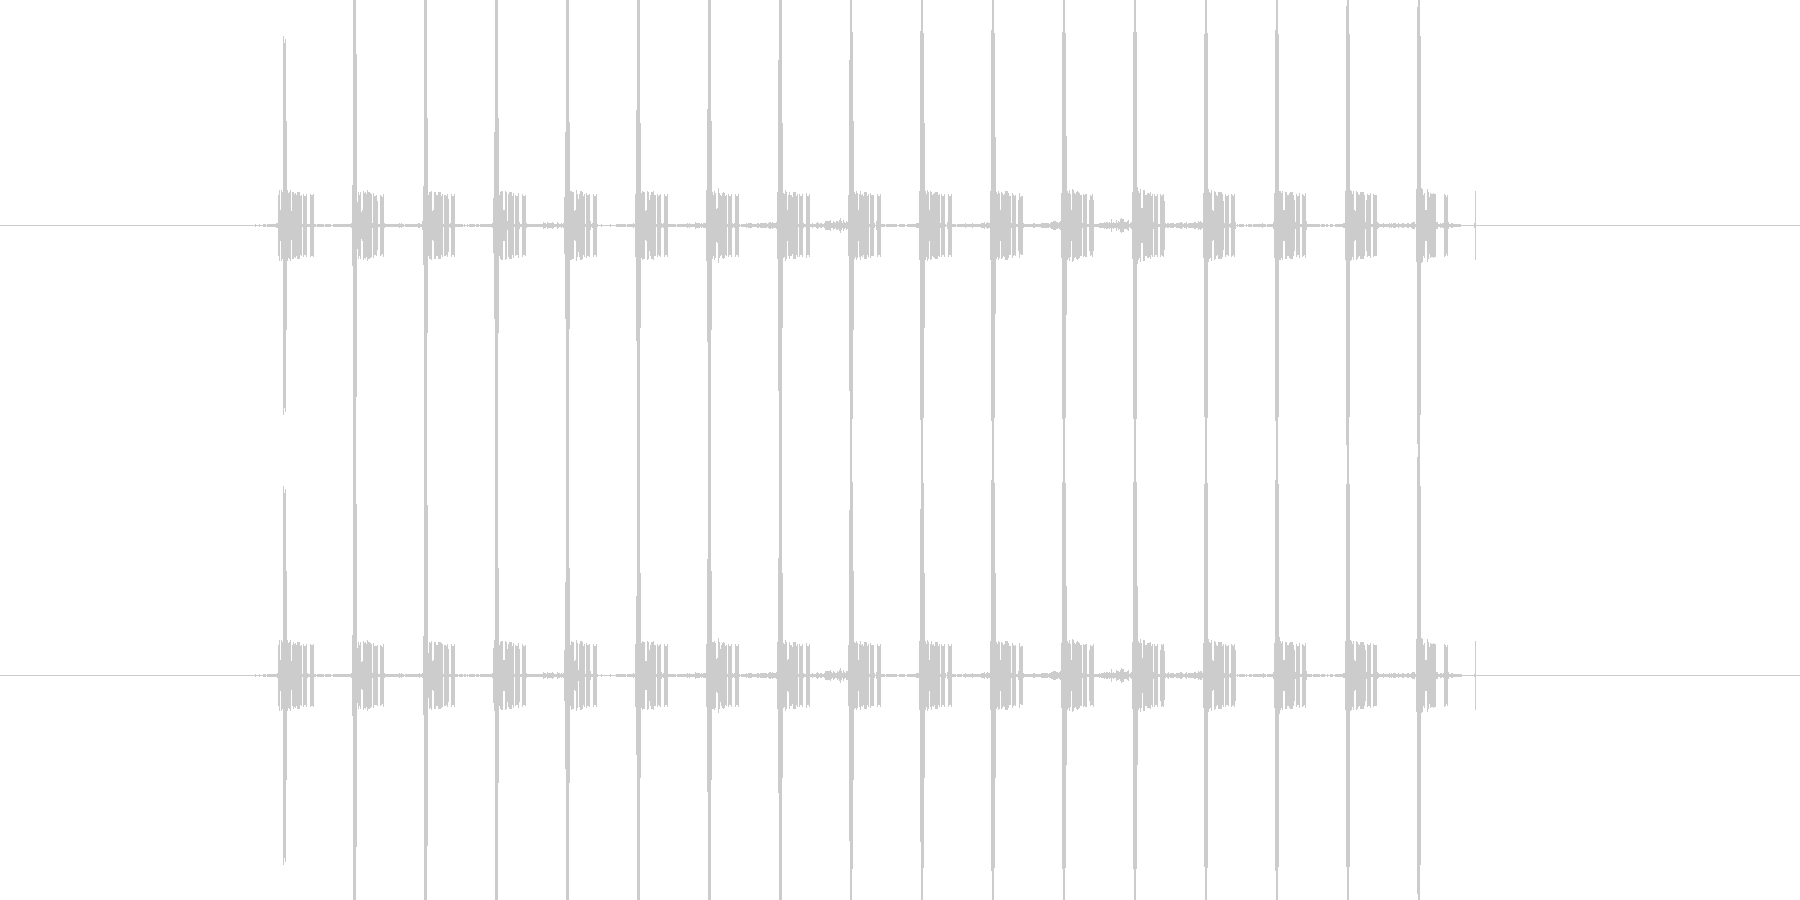 間違い時の機械音/短めの未再生の波形